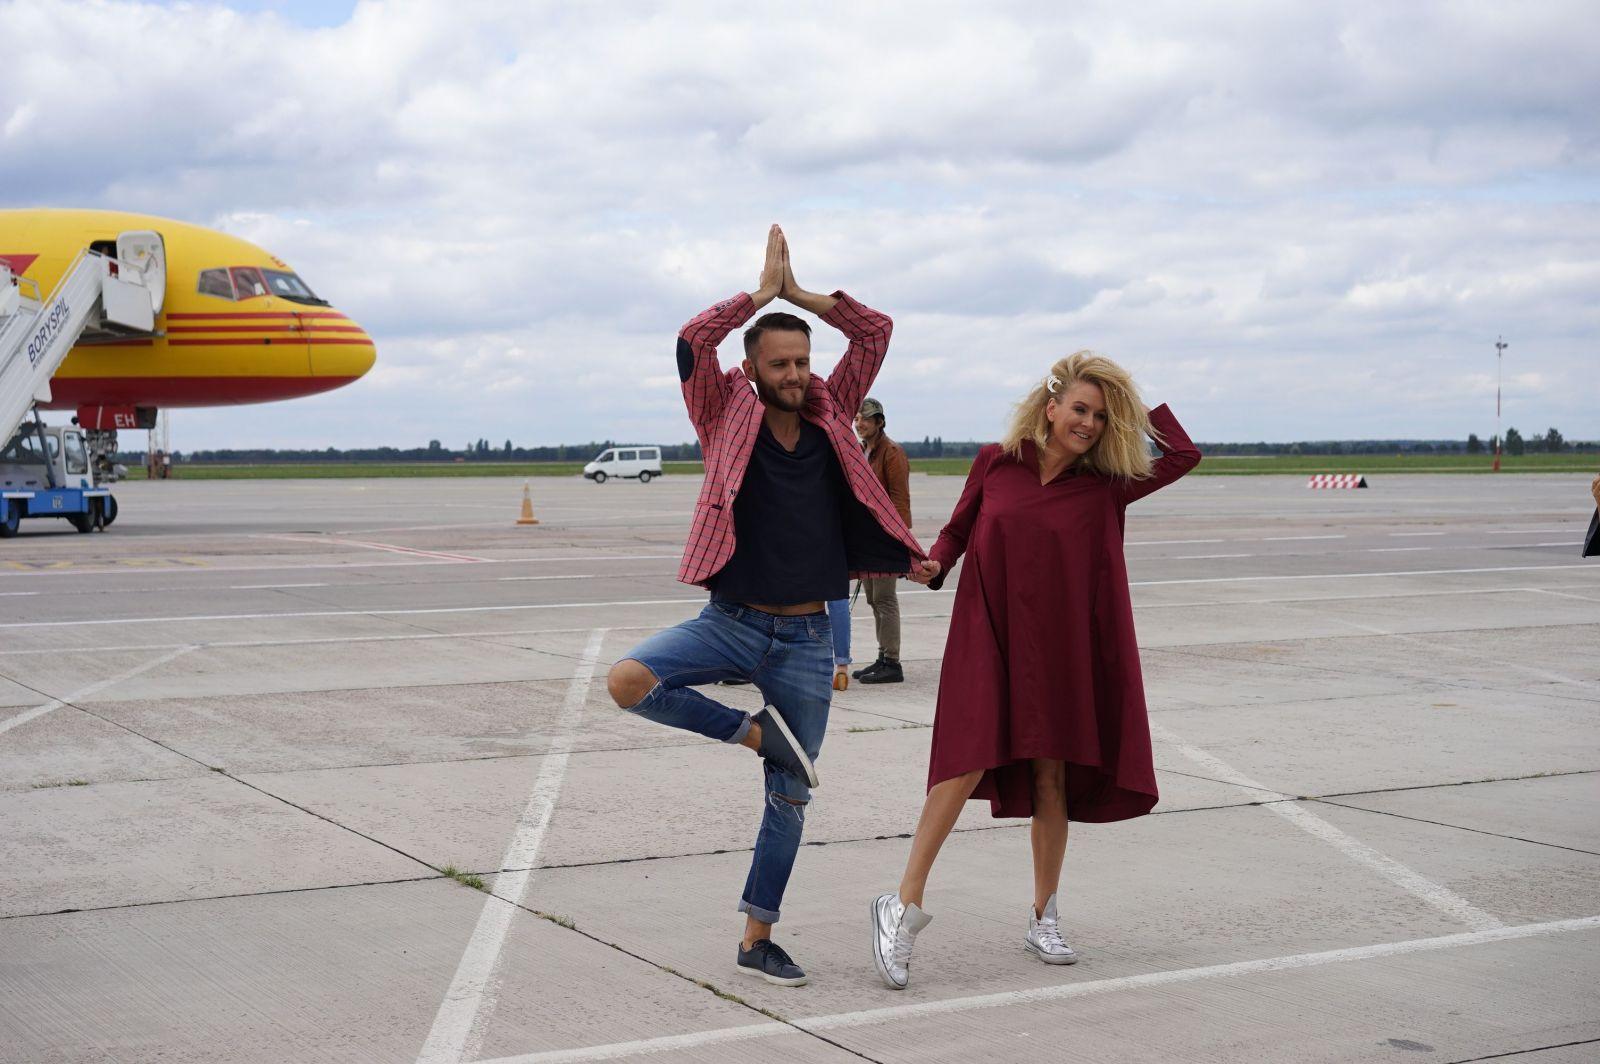 Звезды в аэропорту: репортаж о показе Жана Грицфельдта на взлетной полосе